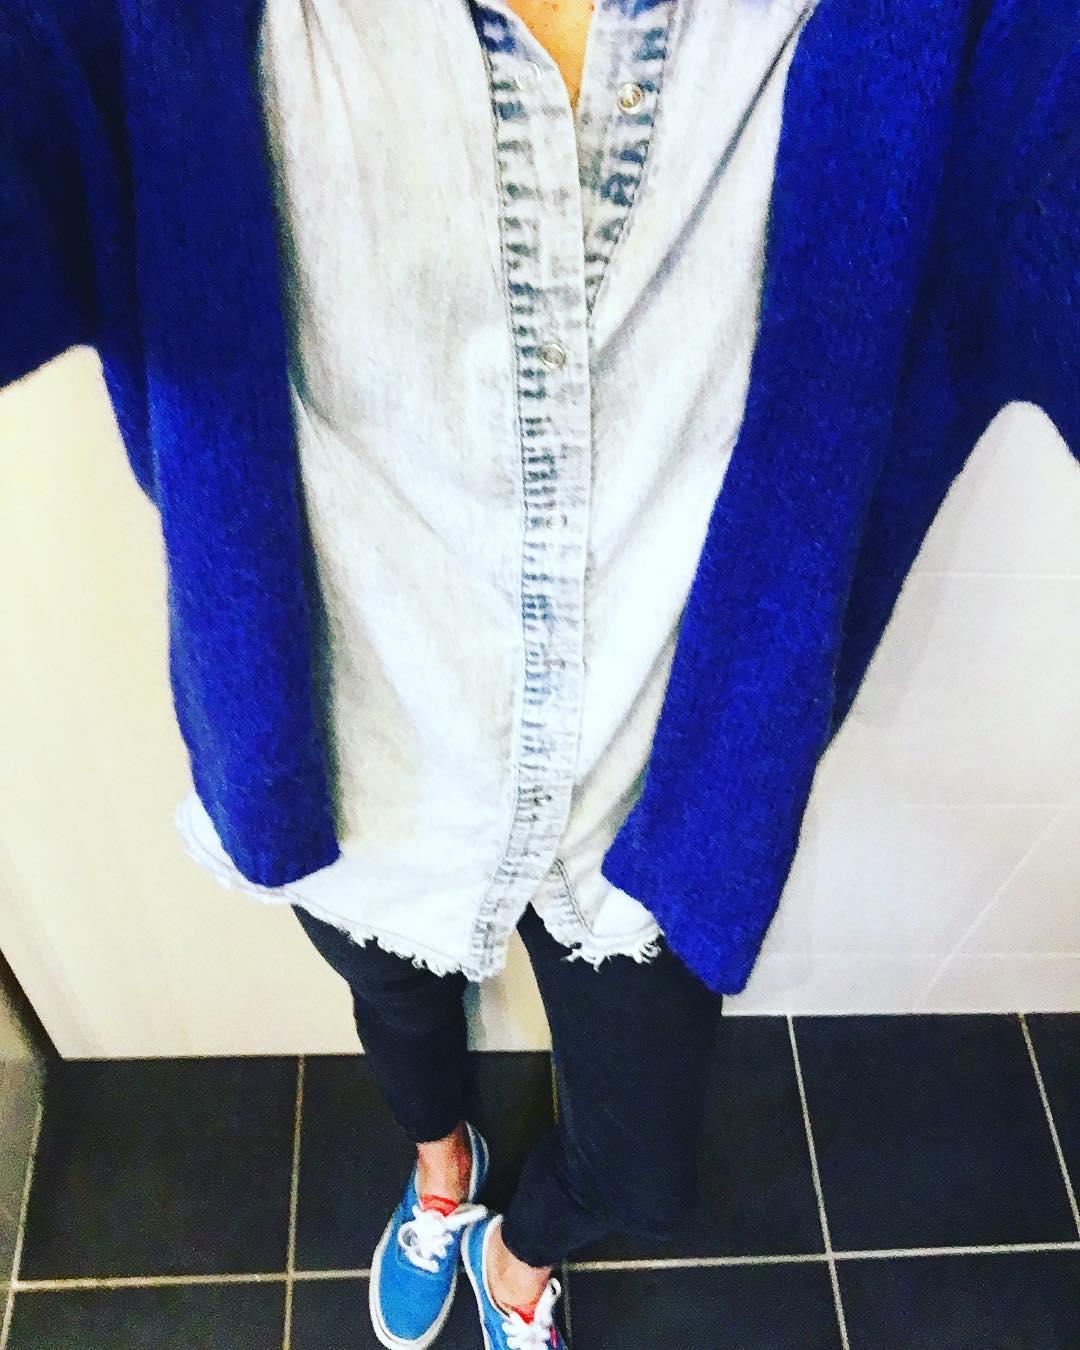 bernadette bleu bic de Les Bourgeoises sur mode_sud